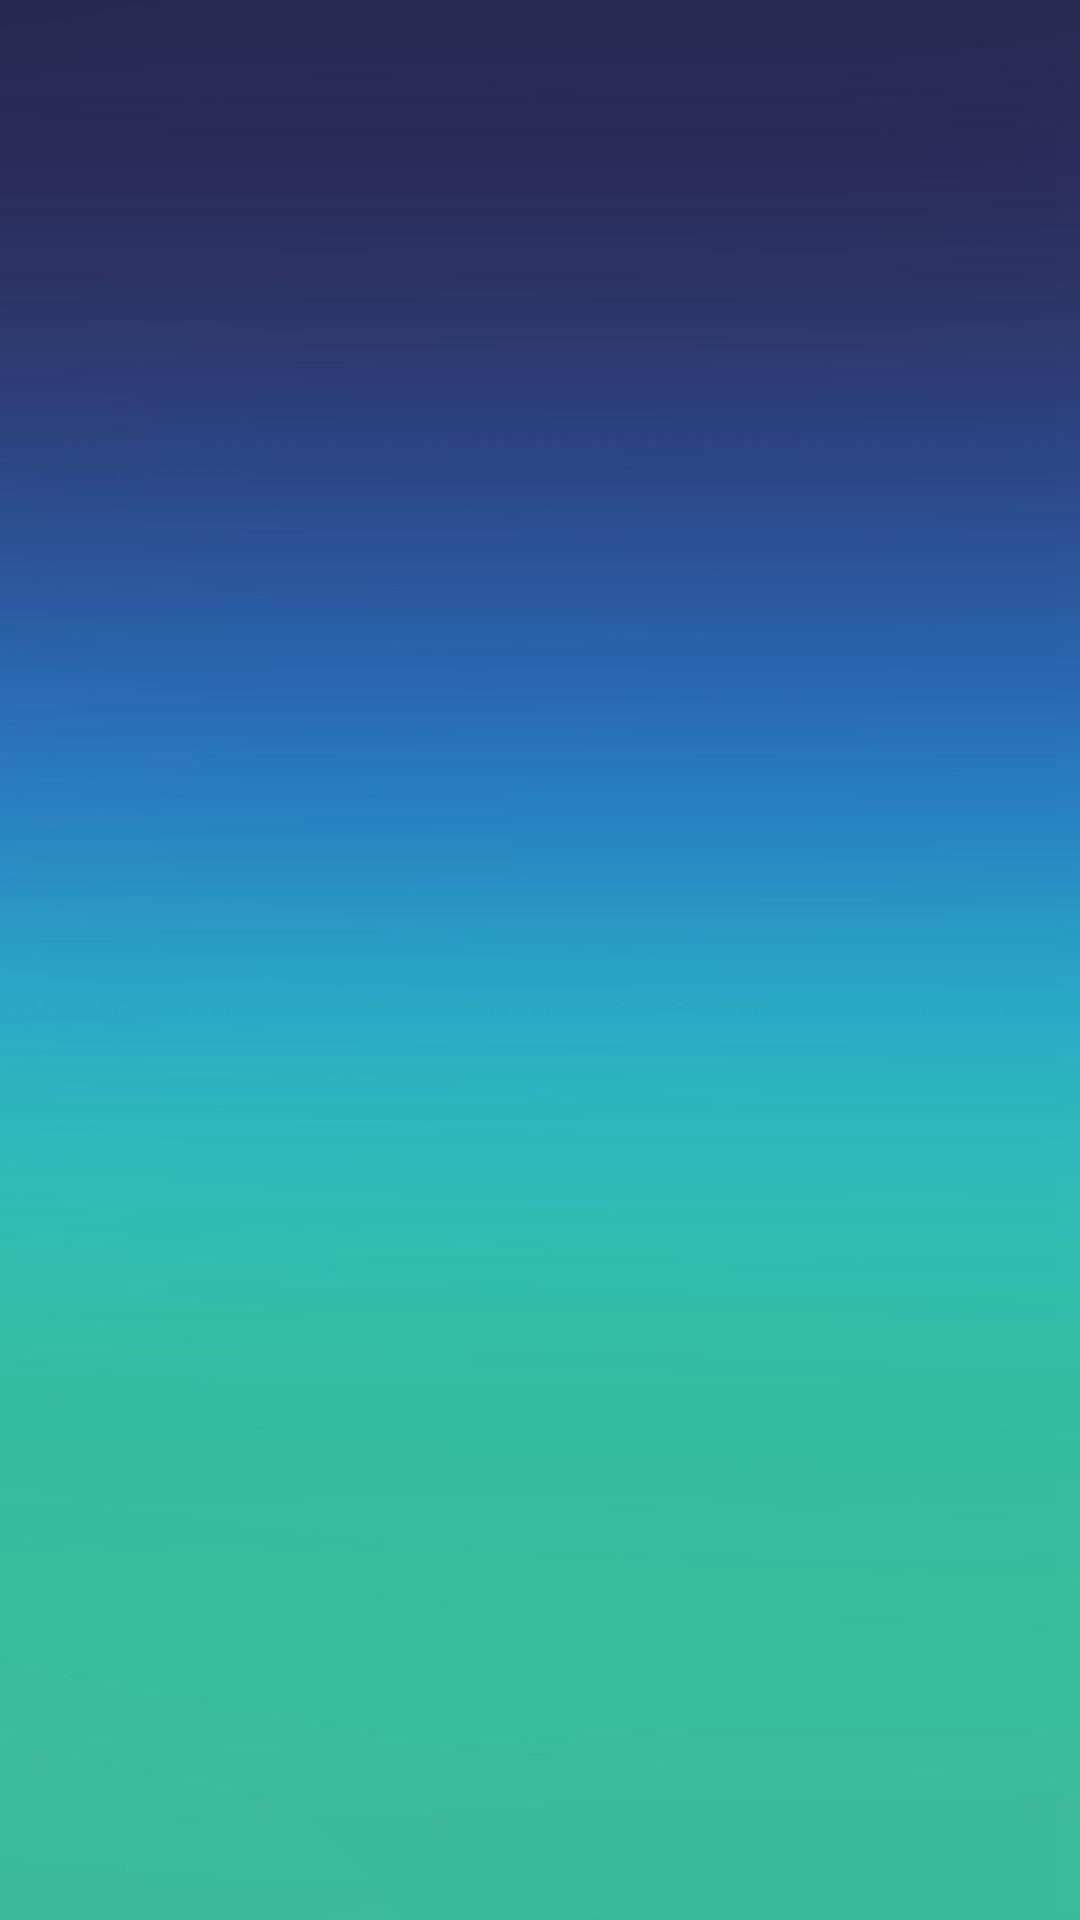 … nintendo green blue gradation blur iphone 8 wallpaper download …